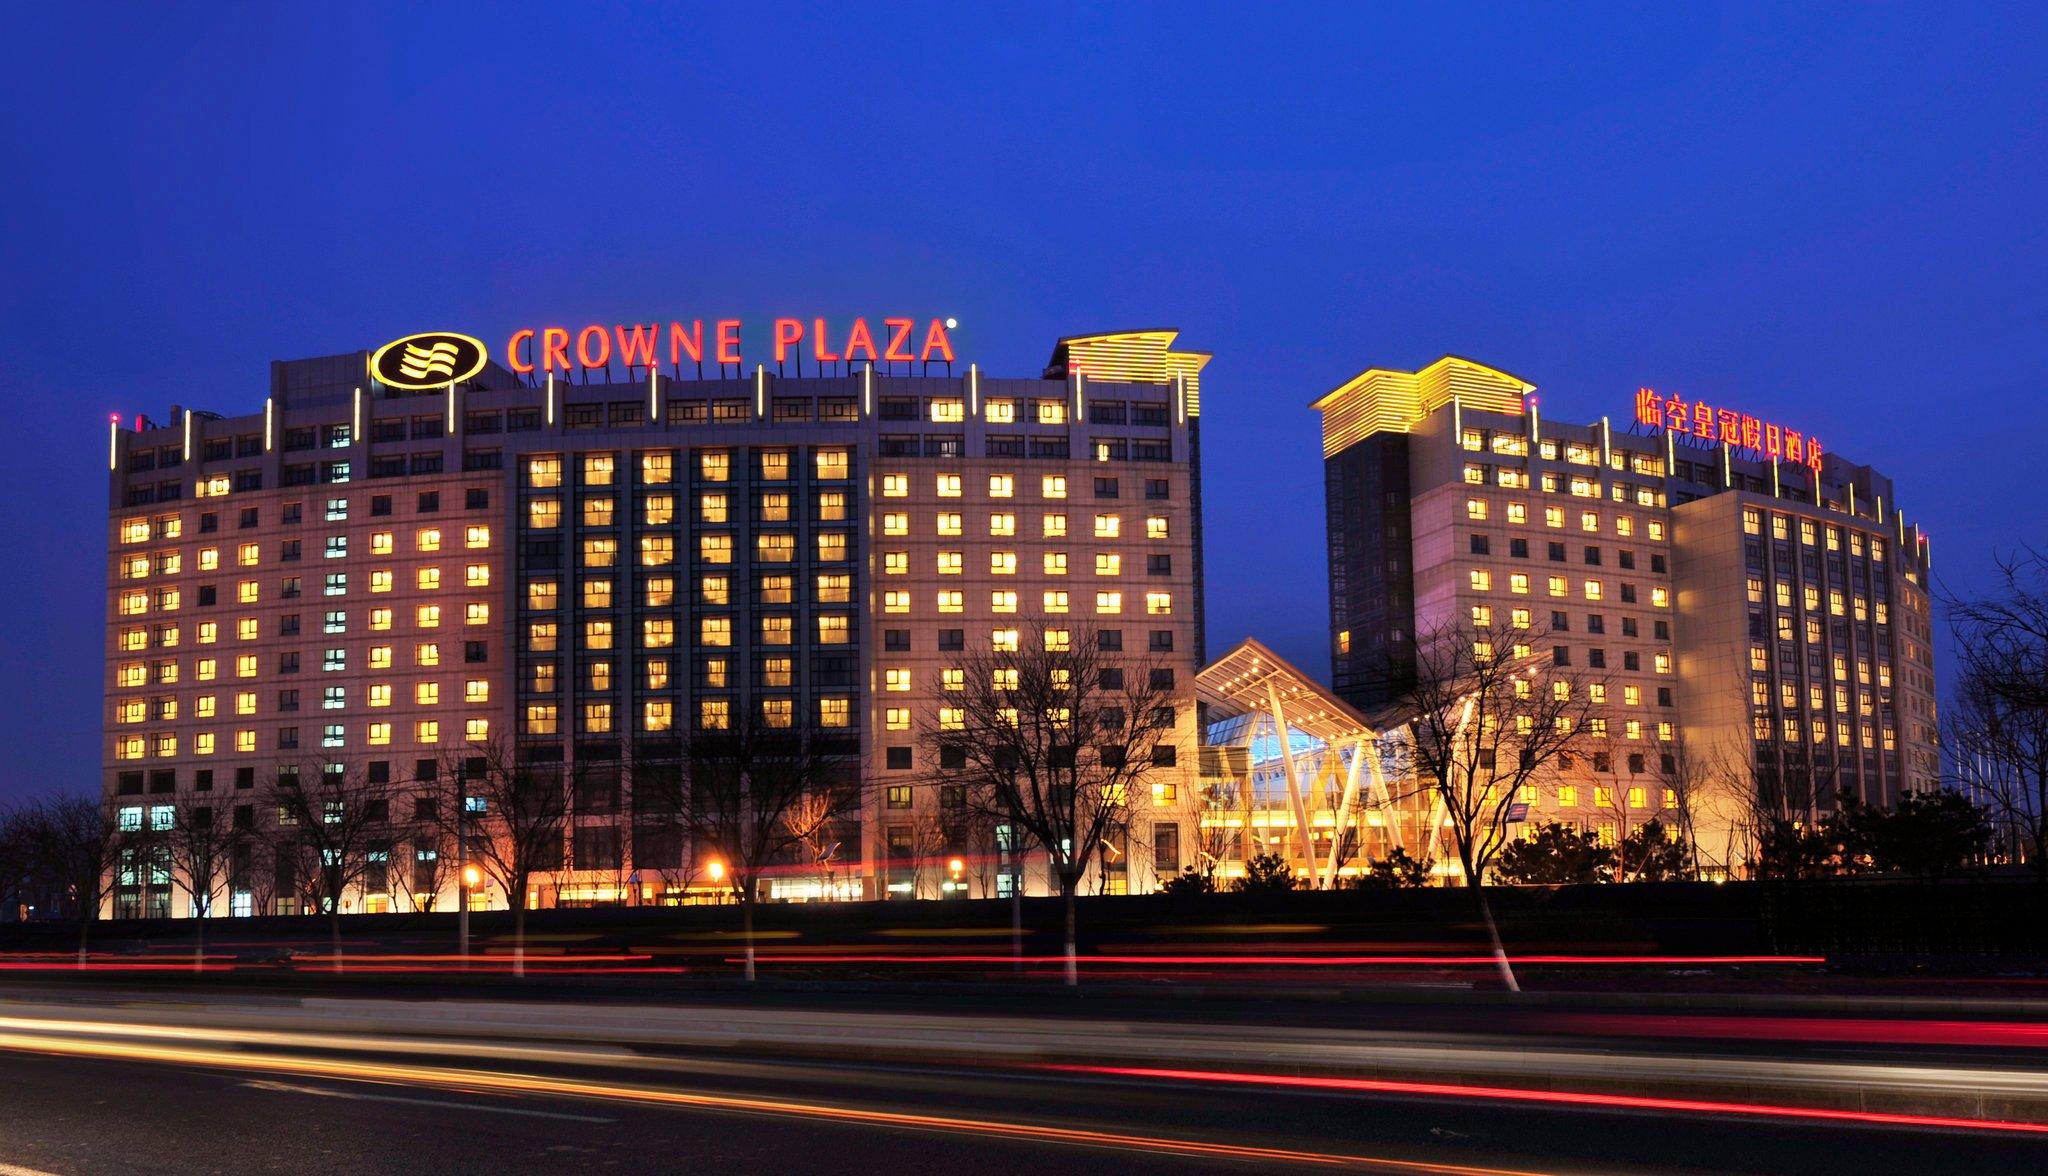 โรงแรมคราวน์ พลาซ่า อินเตอร์เนชั่นแนล แอร์พอร์ท ปักกิ่ง